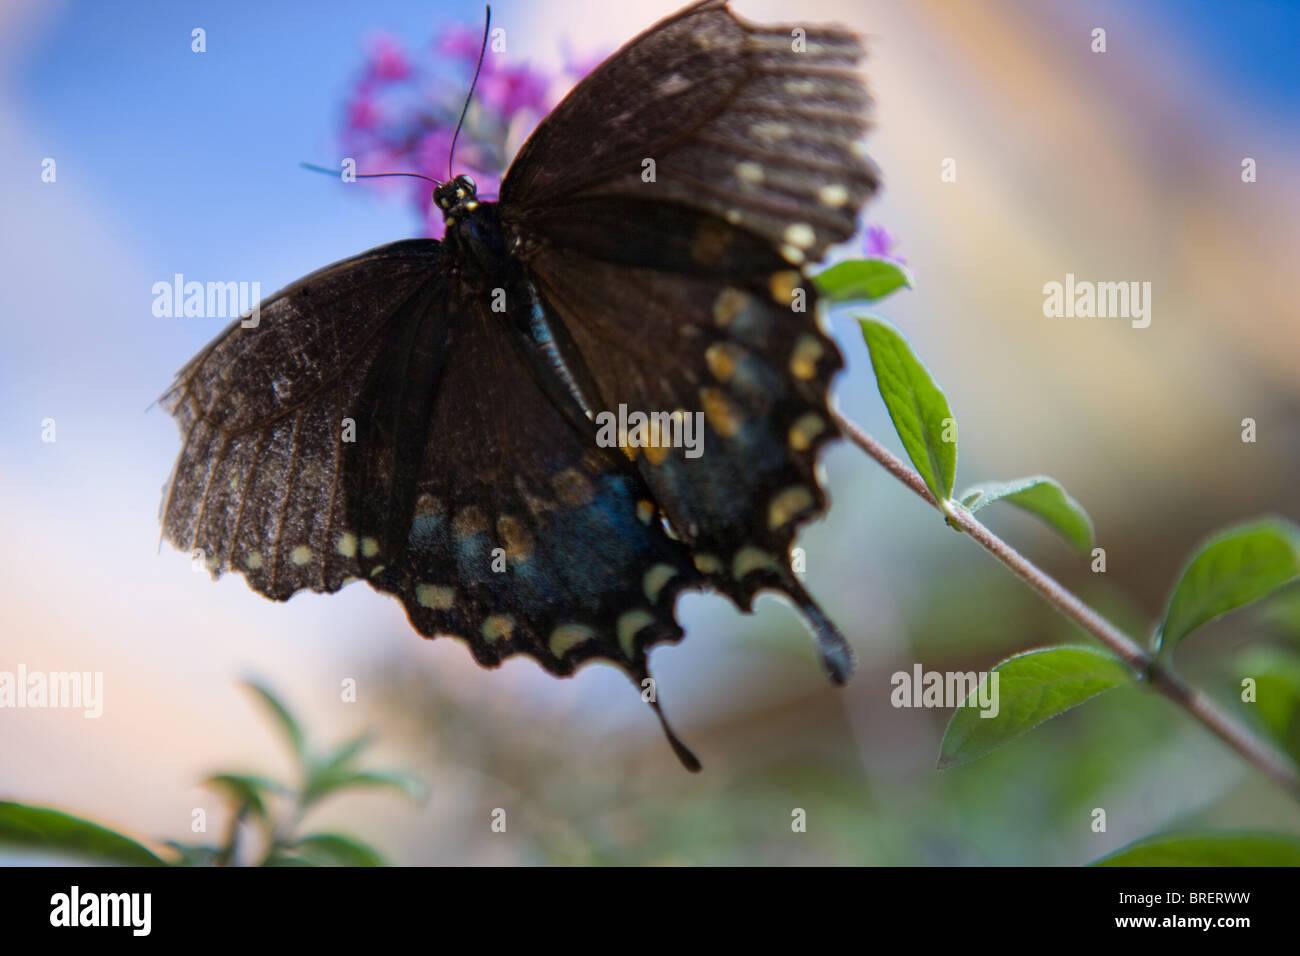 Mariposa Negra flotando sobre un arbusto mariposa púrpura, con fondo azul. Foto de stock